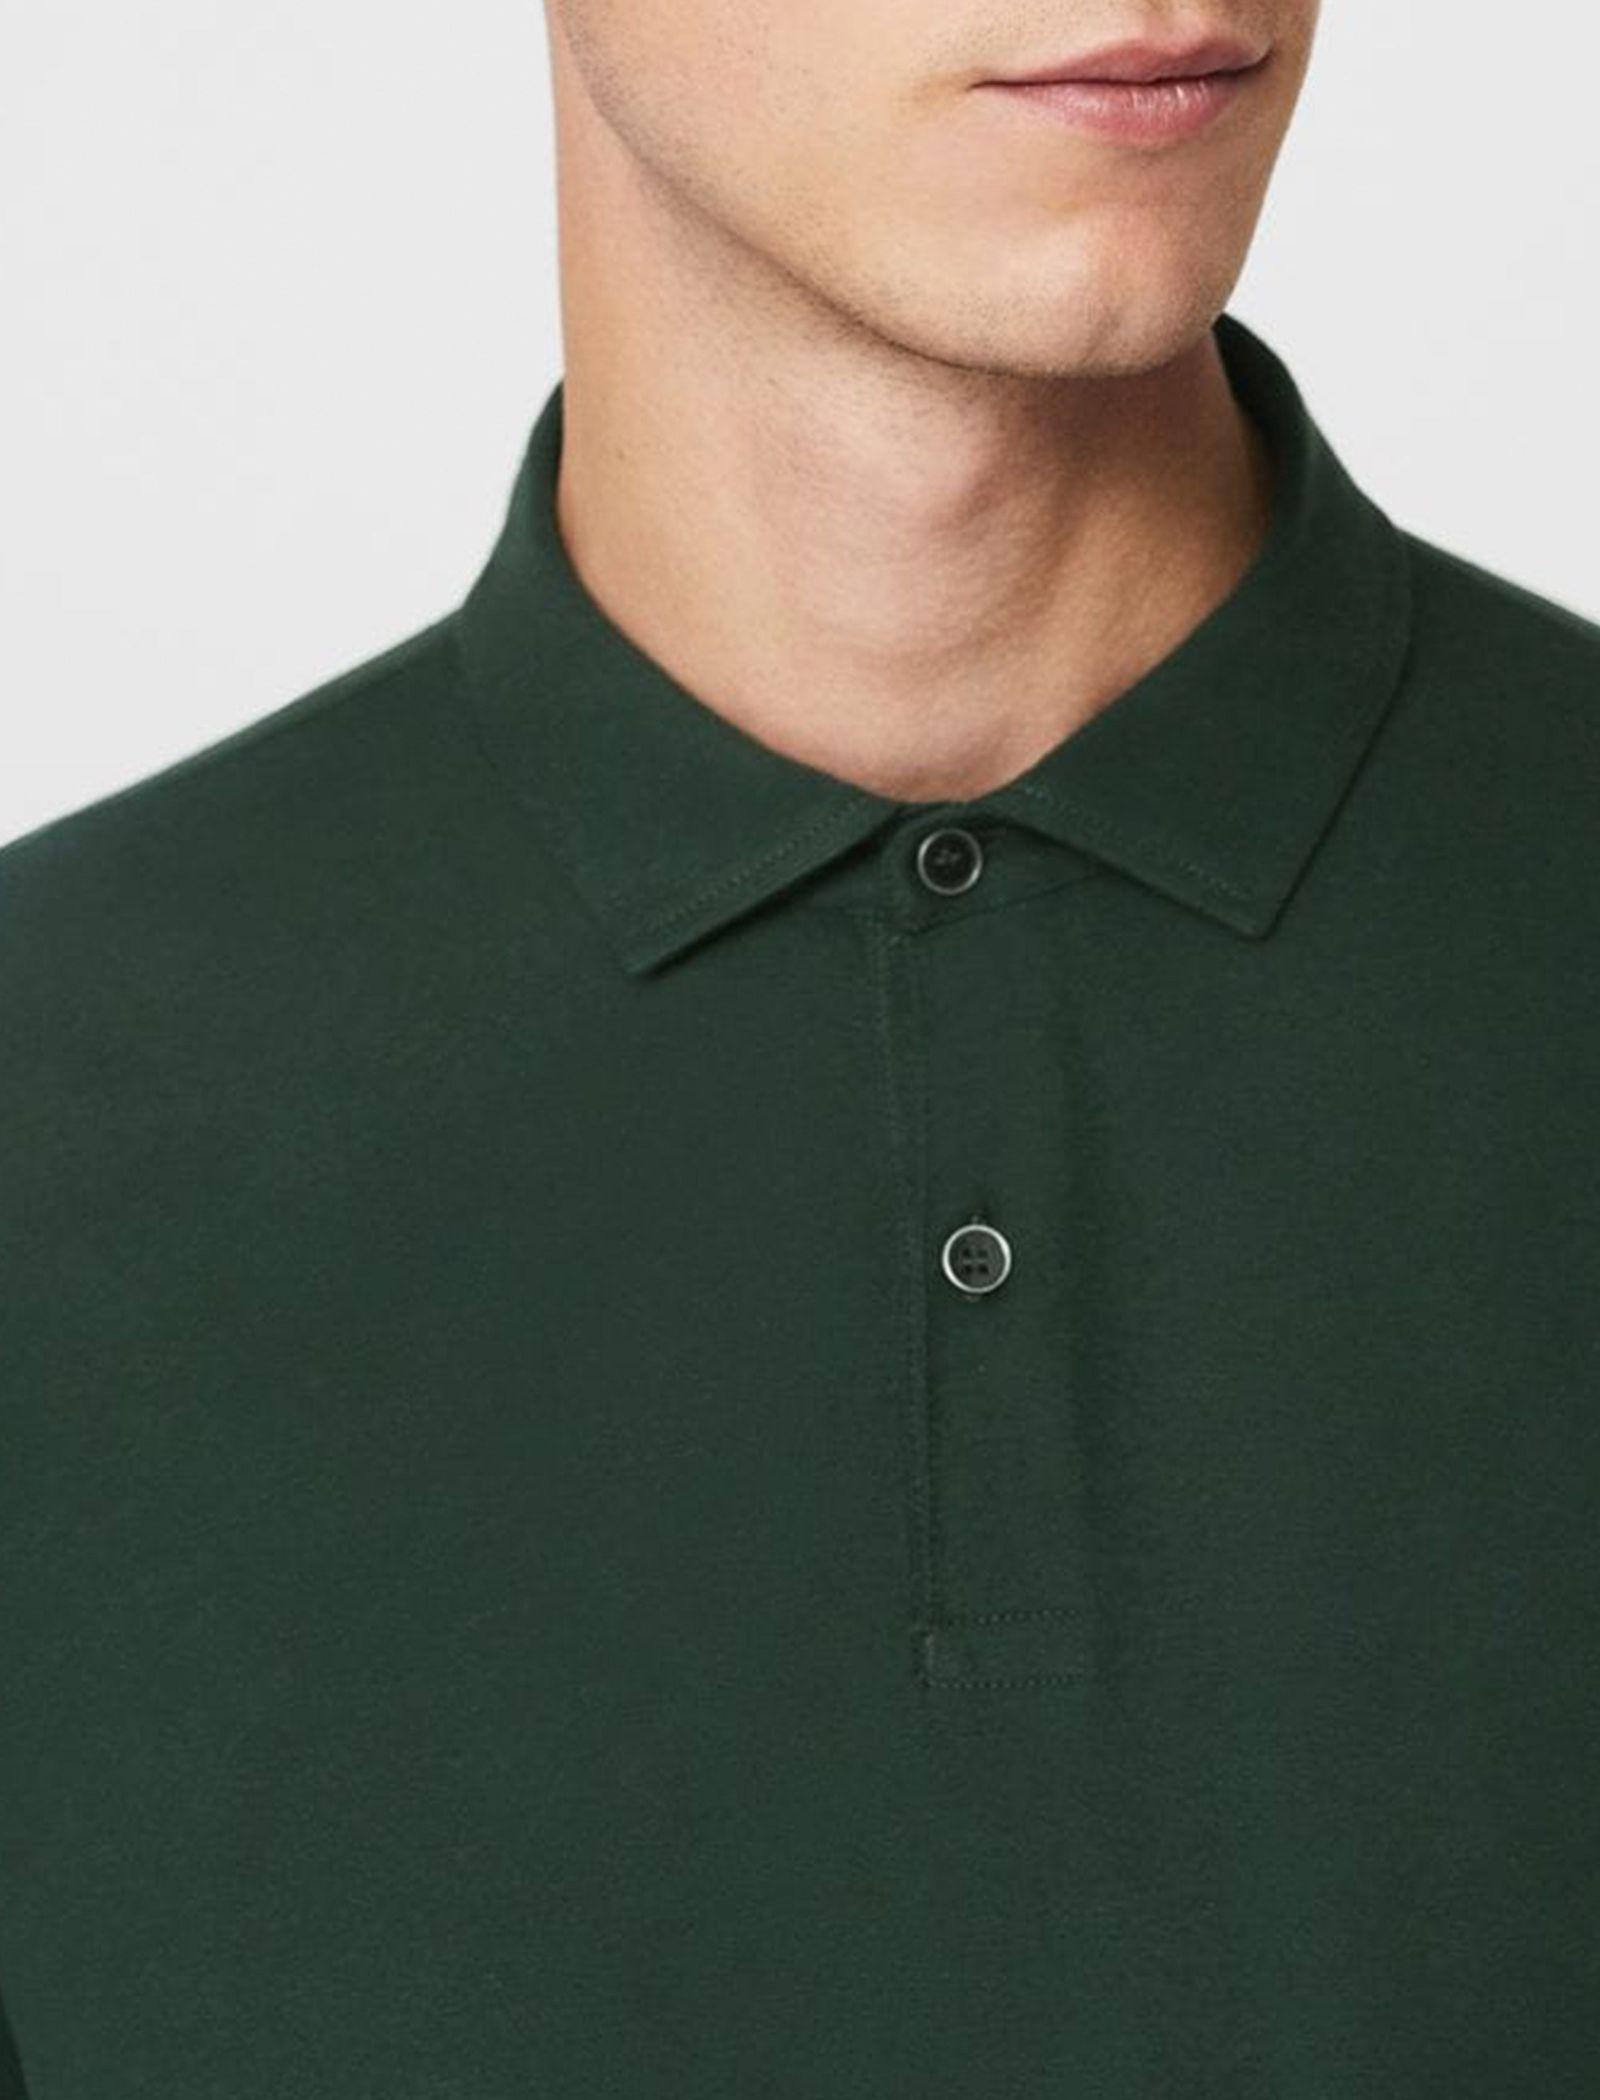 پولوشرت نخی آستین بلند مردانه - مانگو - سبز - 5